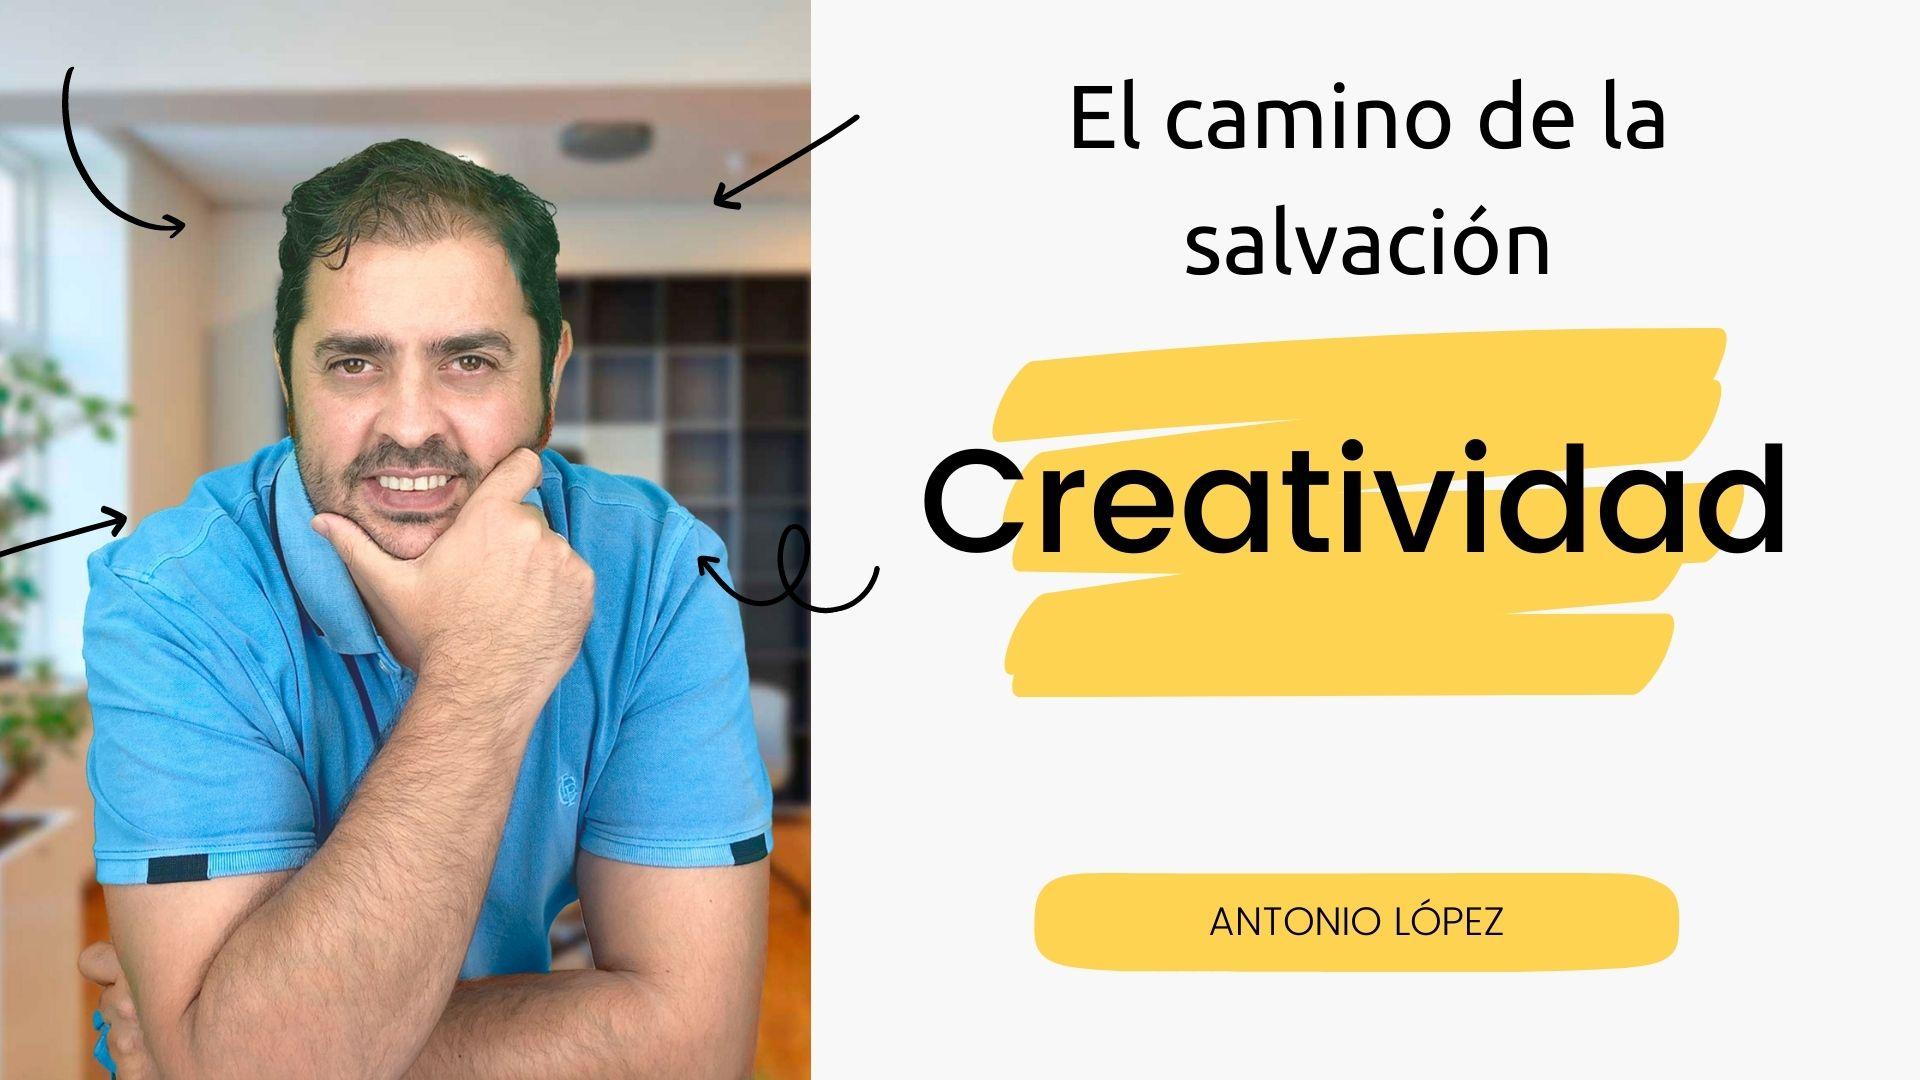 Antonio López Creatividad